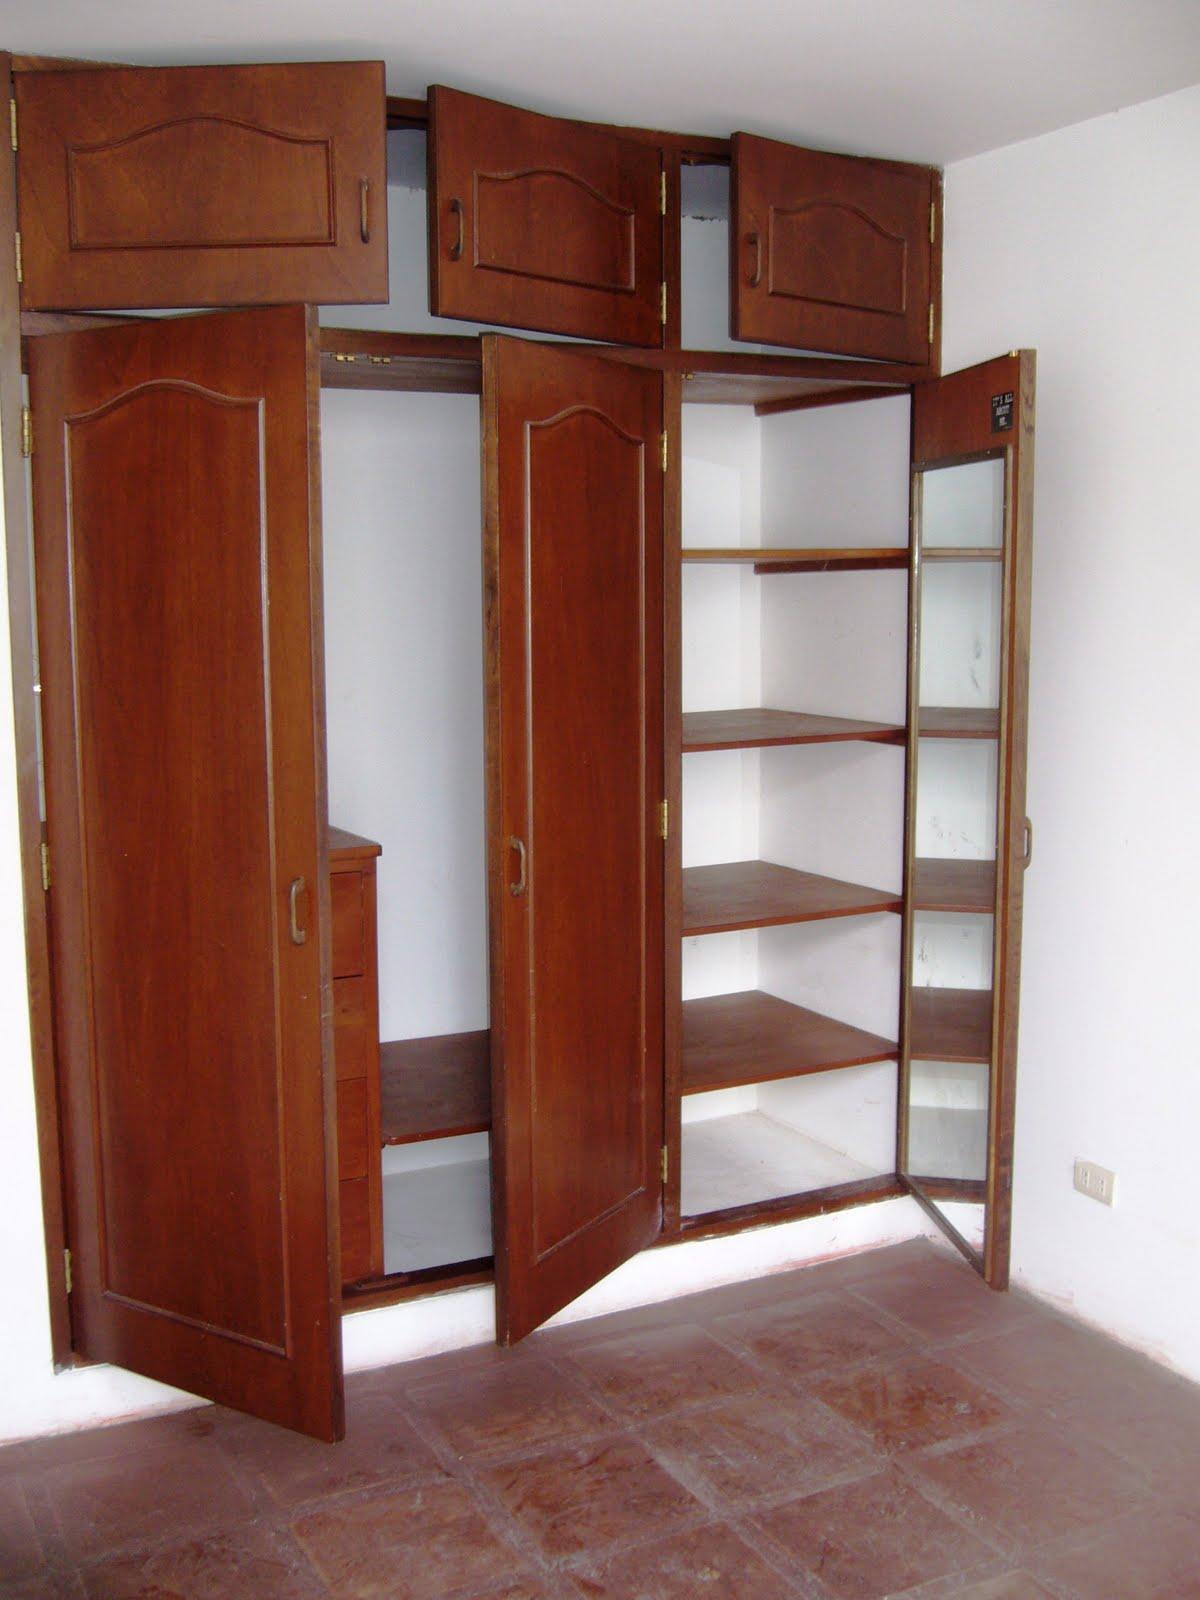 Closet de madera imagui for Closet de madera modernos pequenos